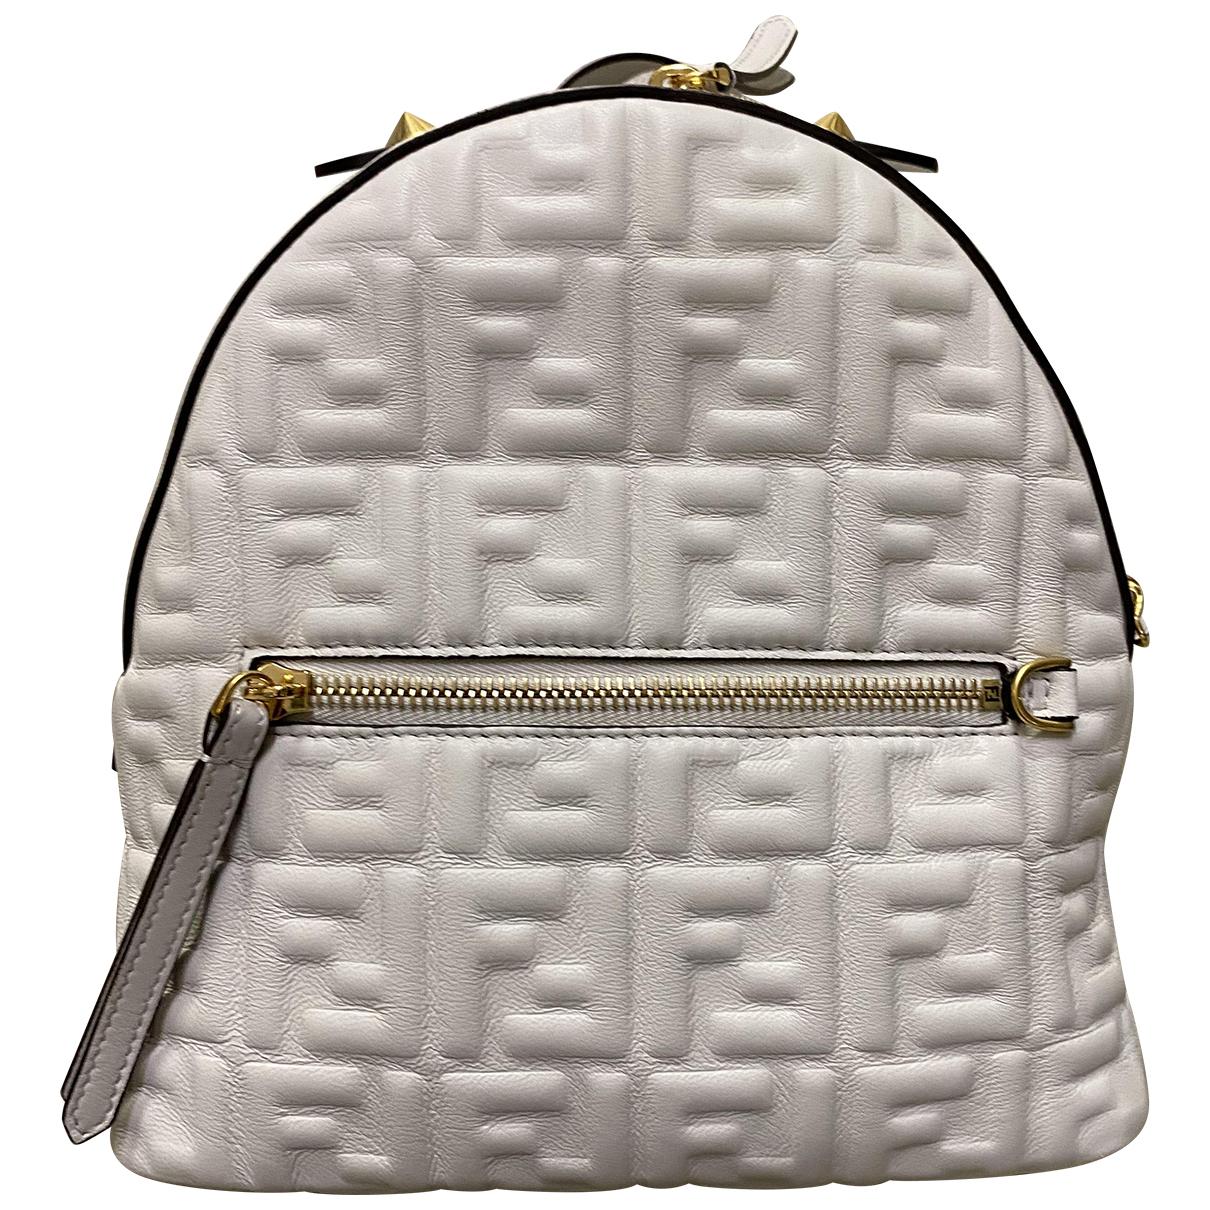 Fendi FF White Leather handbag for Women N